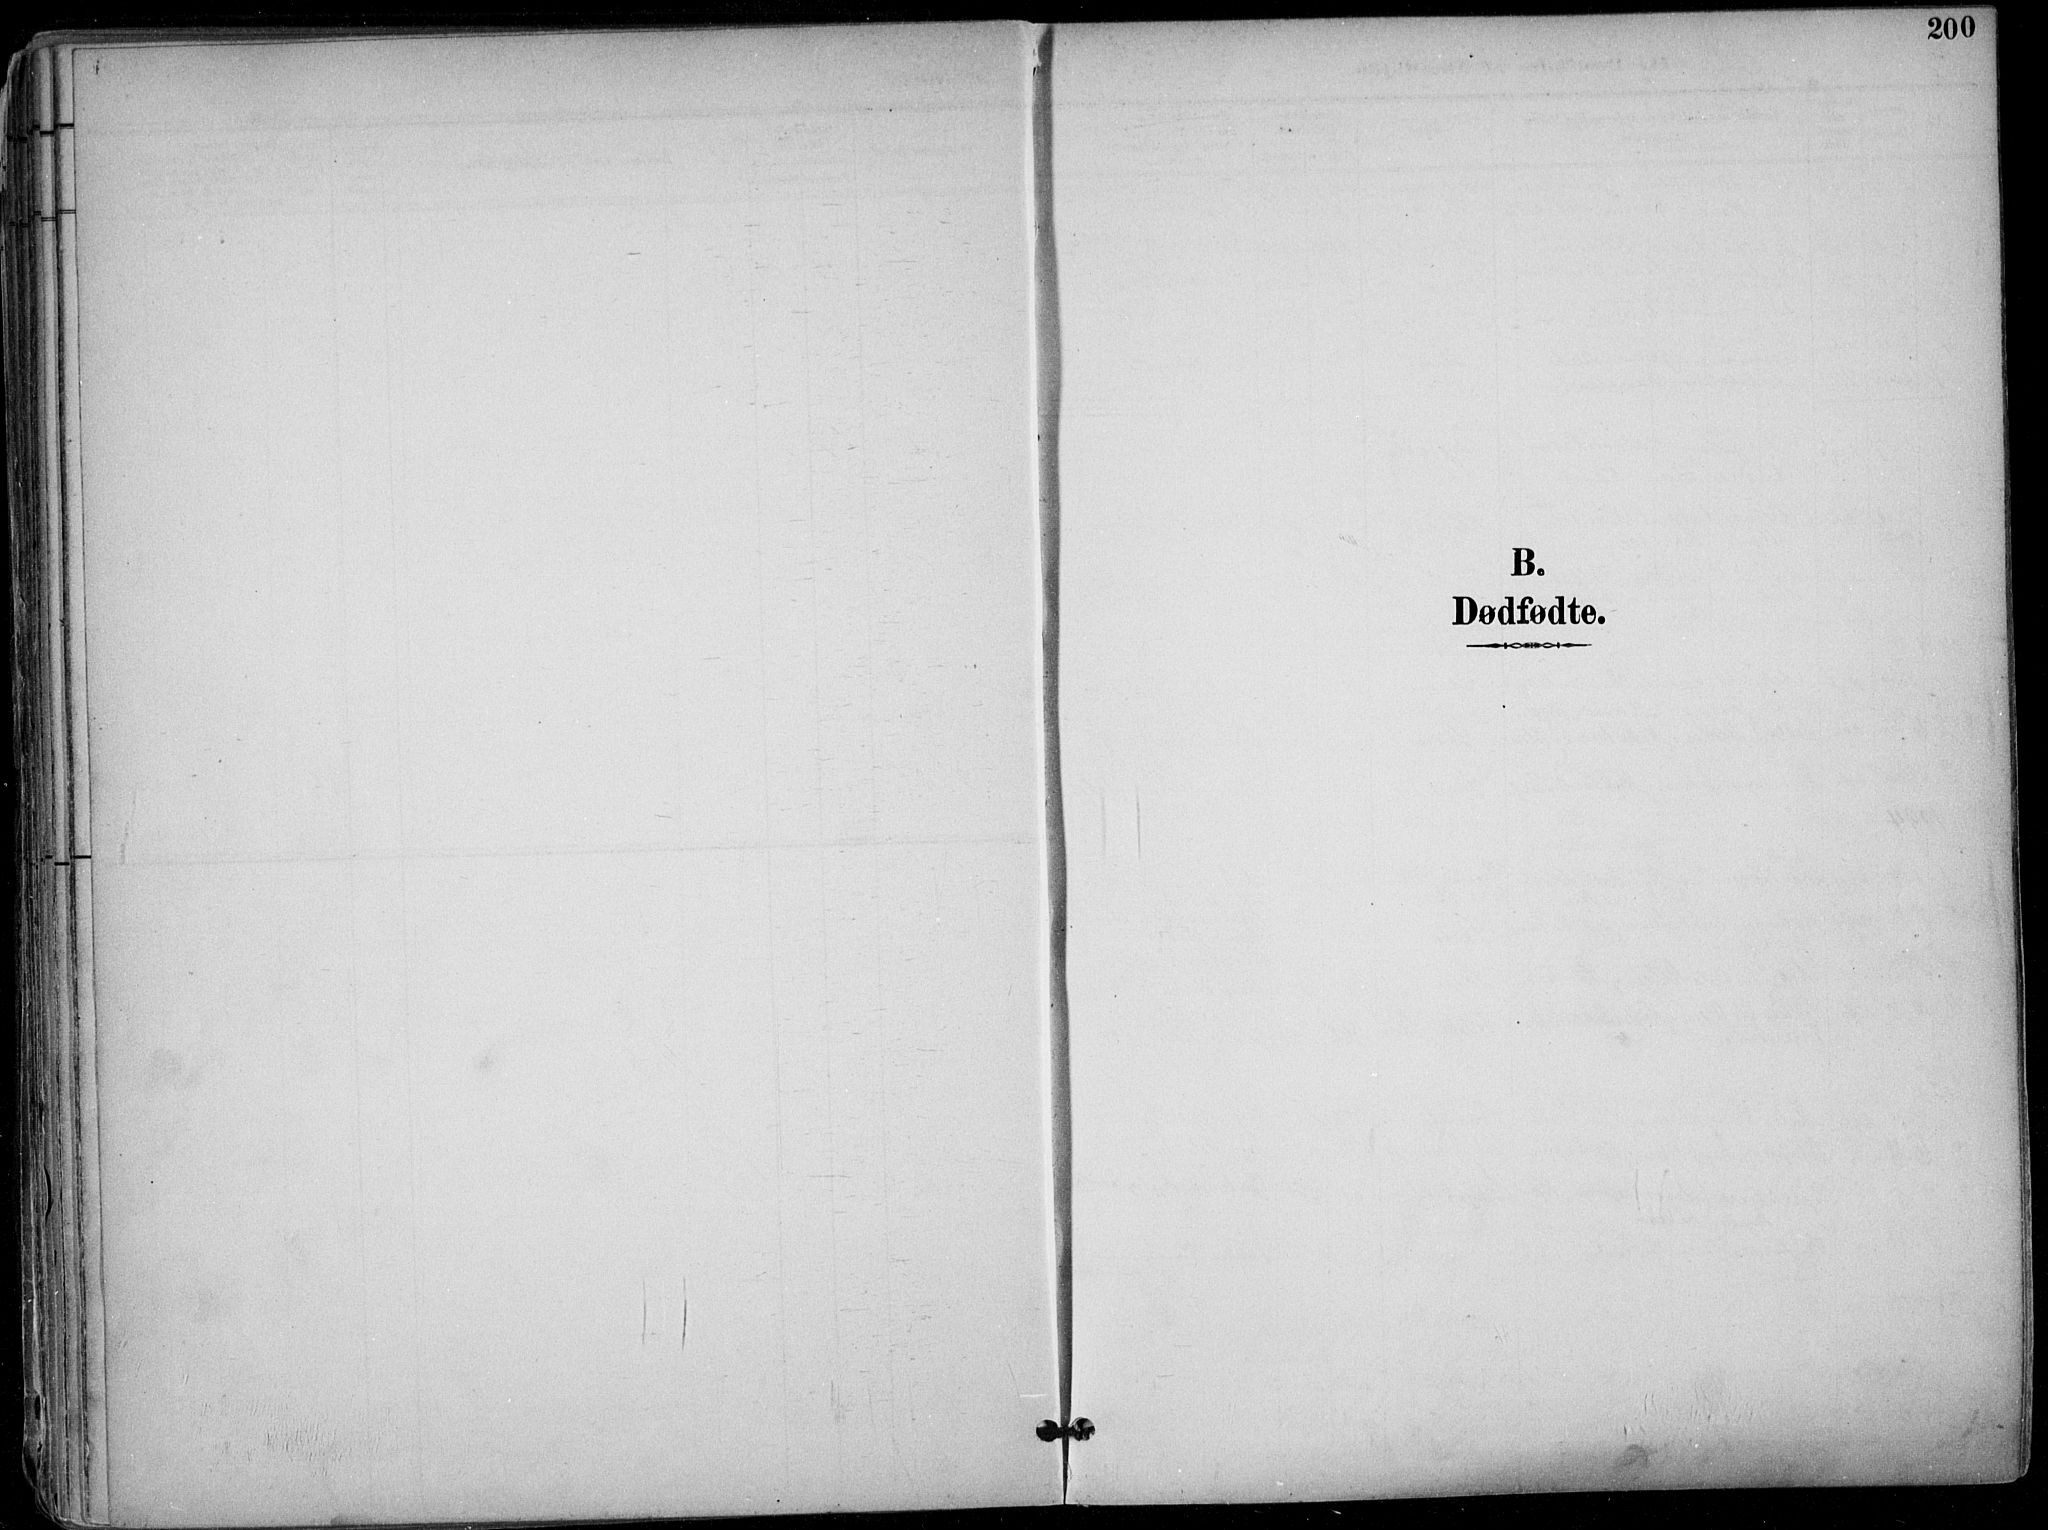 SAKO, Skien kirkebøker, F/Fa/L0010: Ministerialbok nr. 10, 1891-1899, s. 200